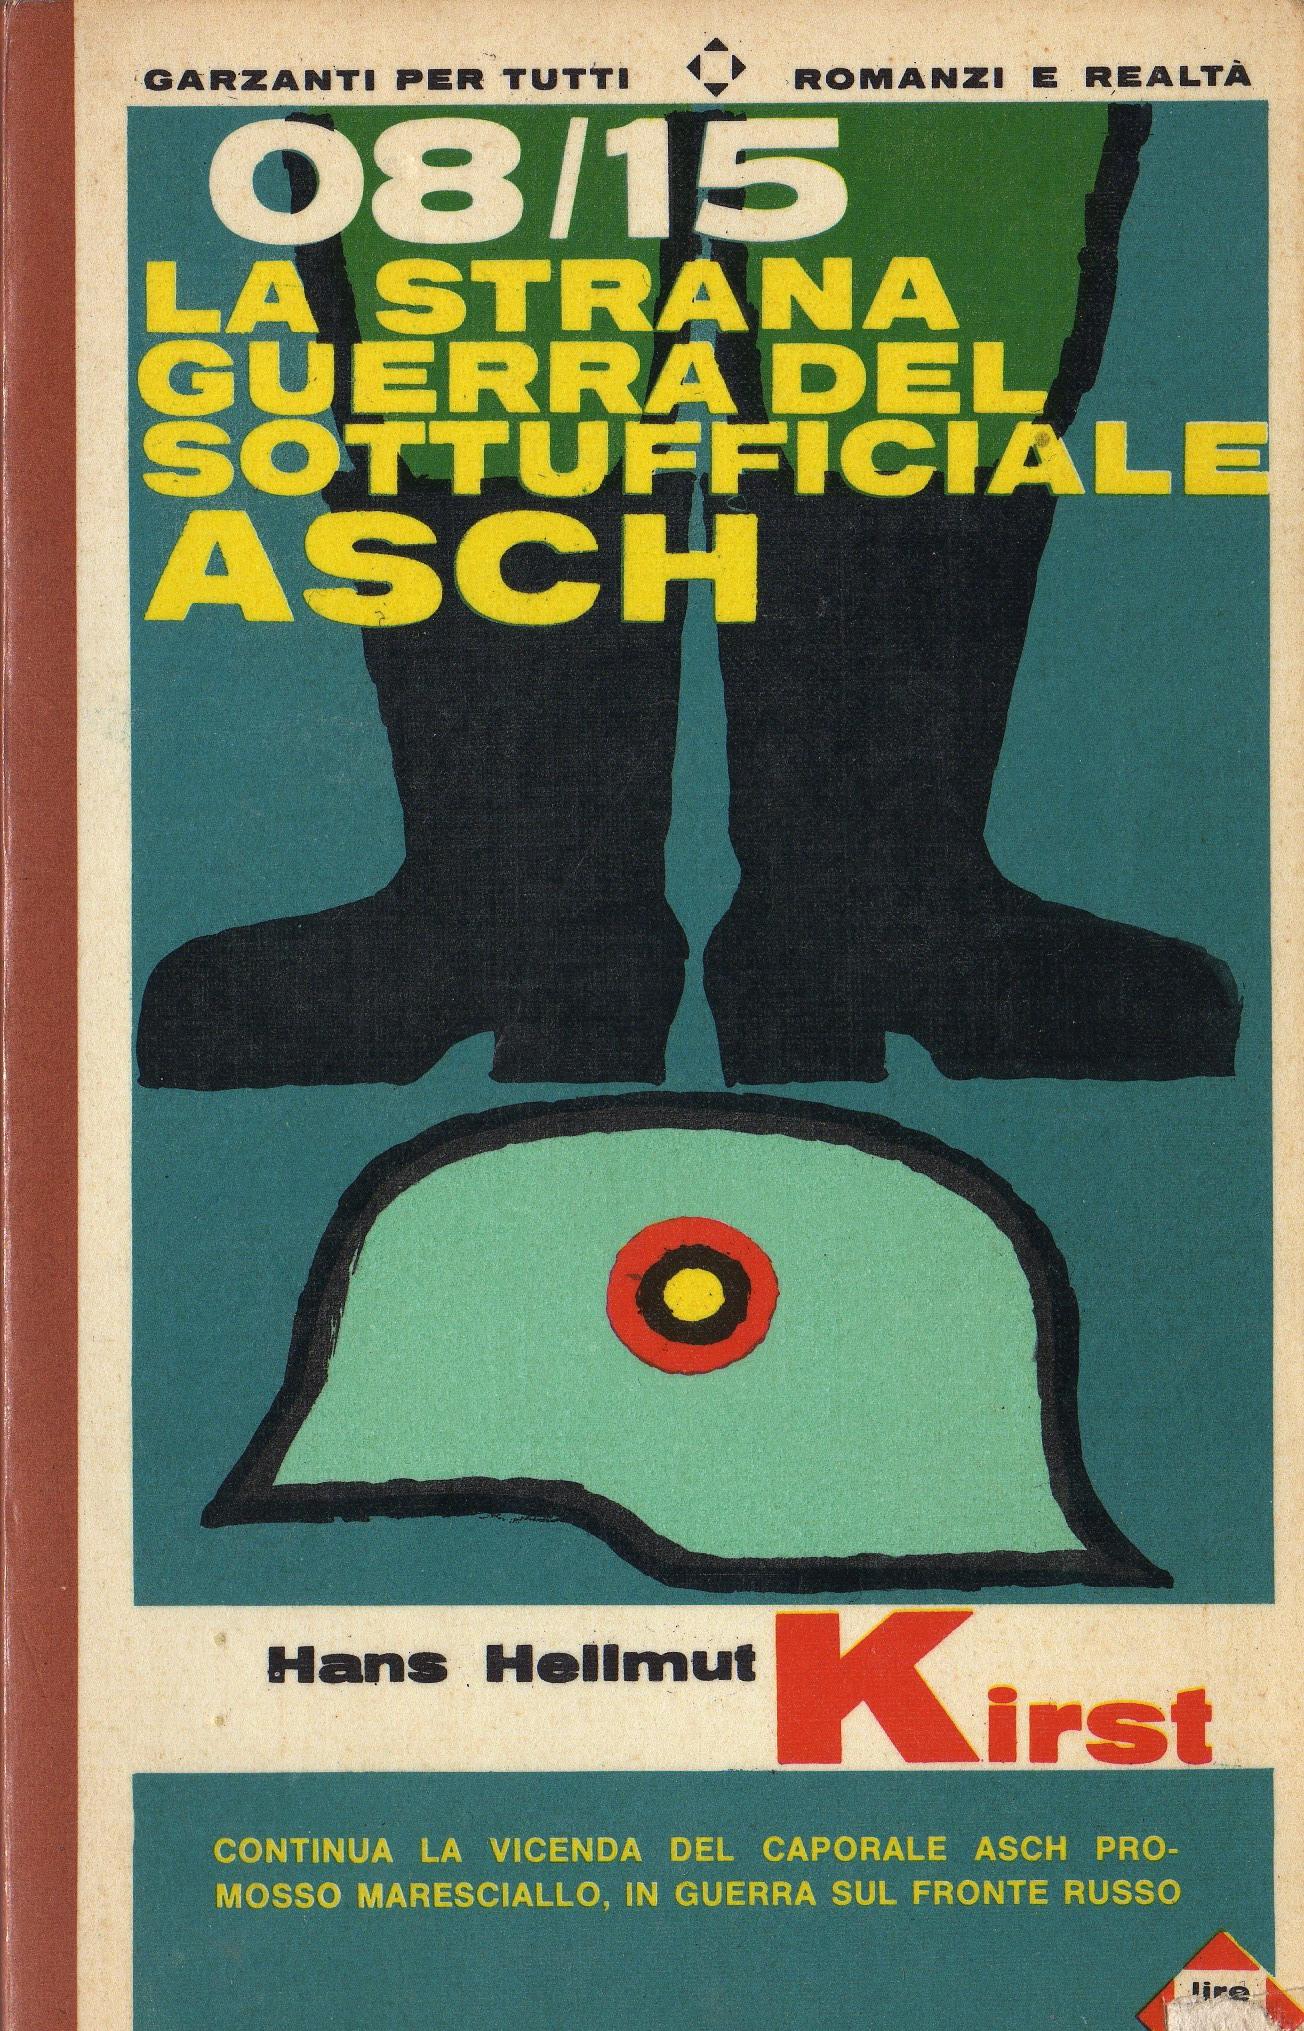 08/15 La strana guerra del sottufficiale Asch